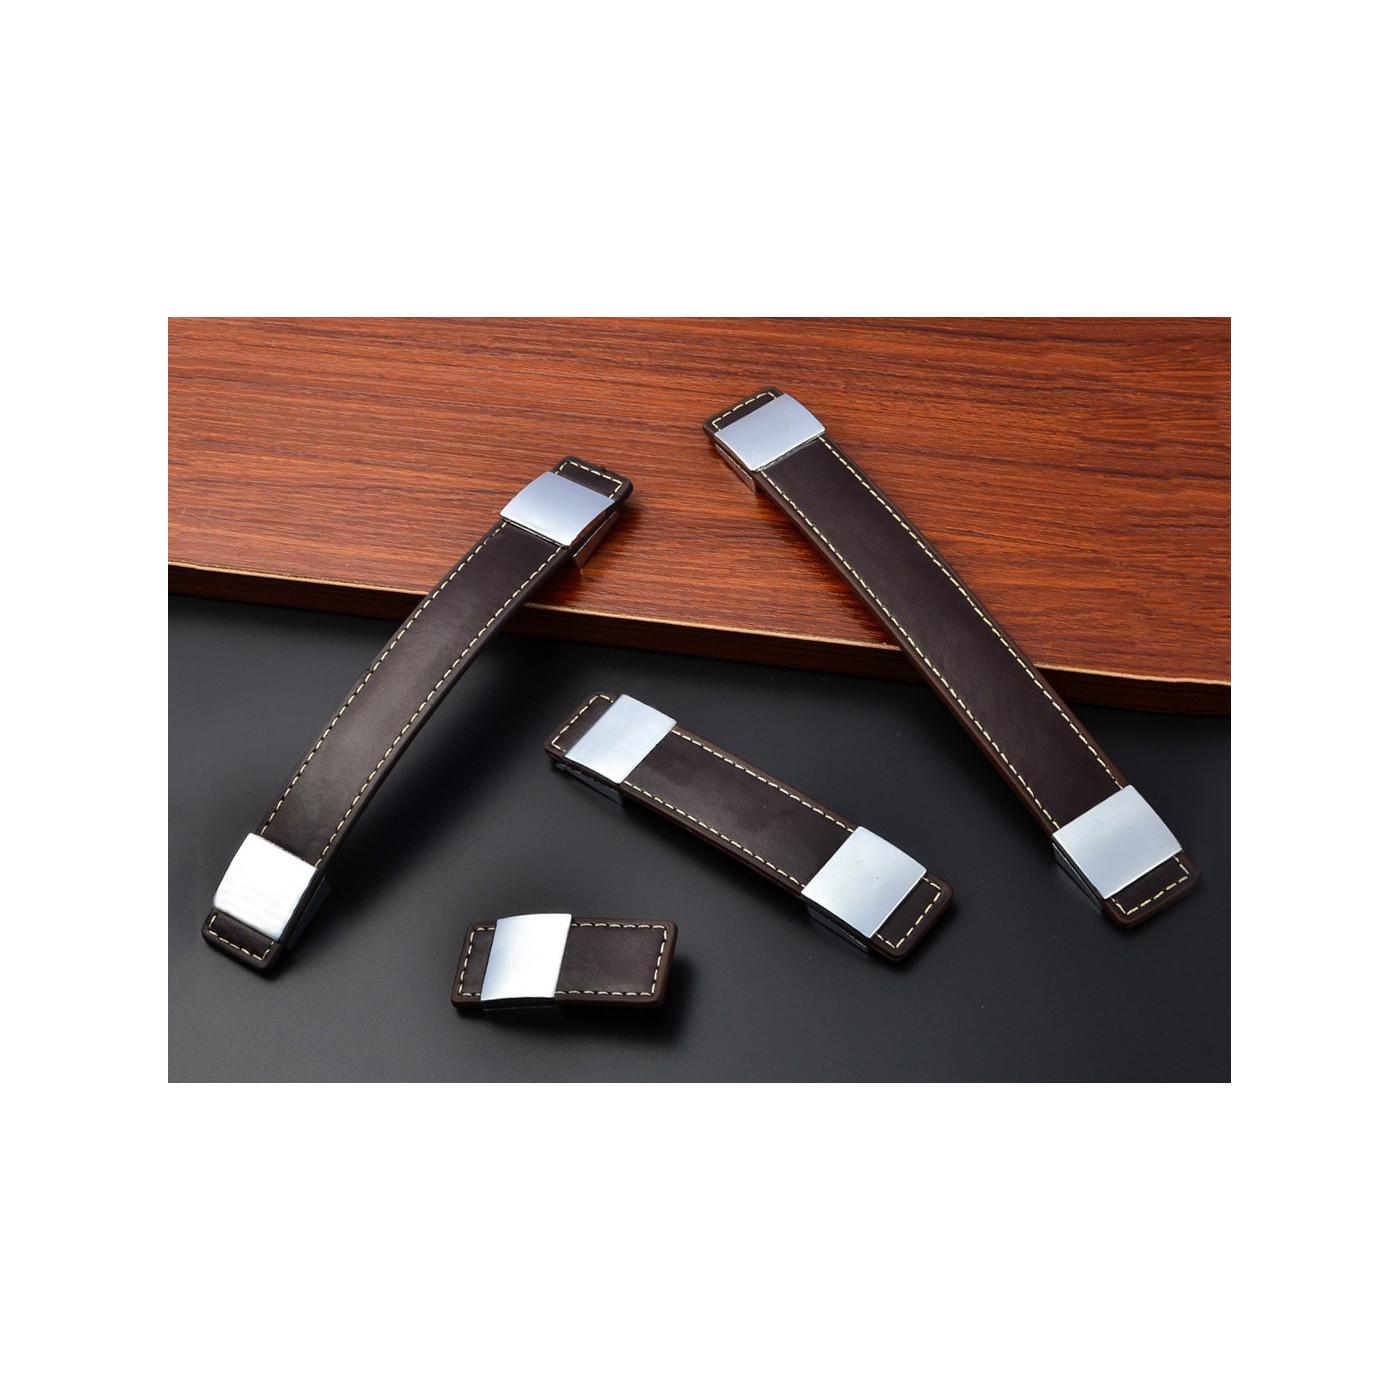 Set van 4 lederen handgrepen meubels (146x30 mm, donkerbruin)  - 1